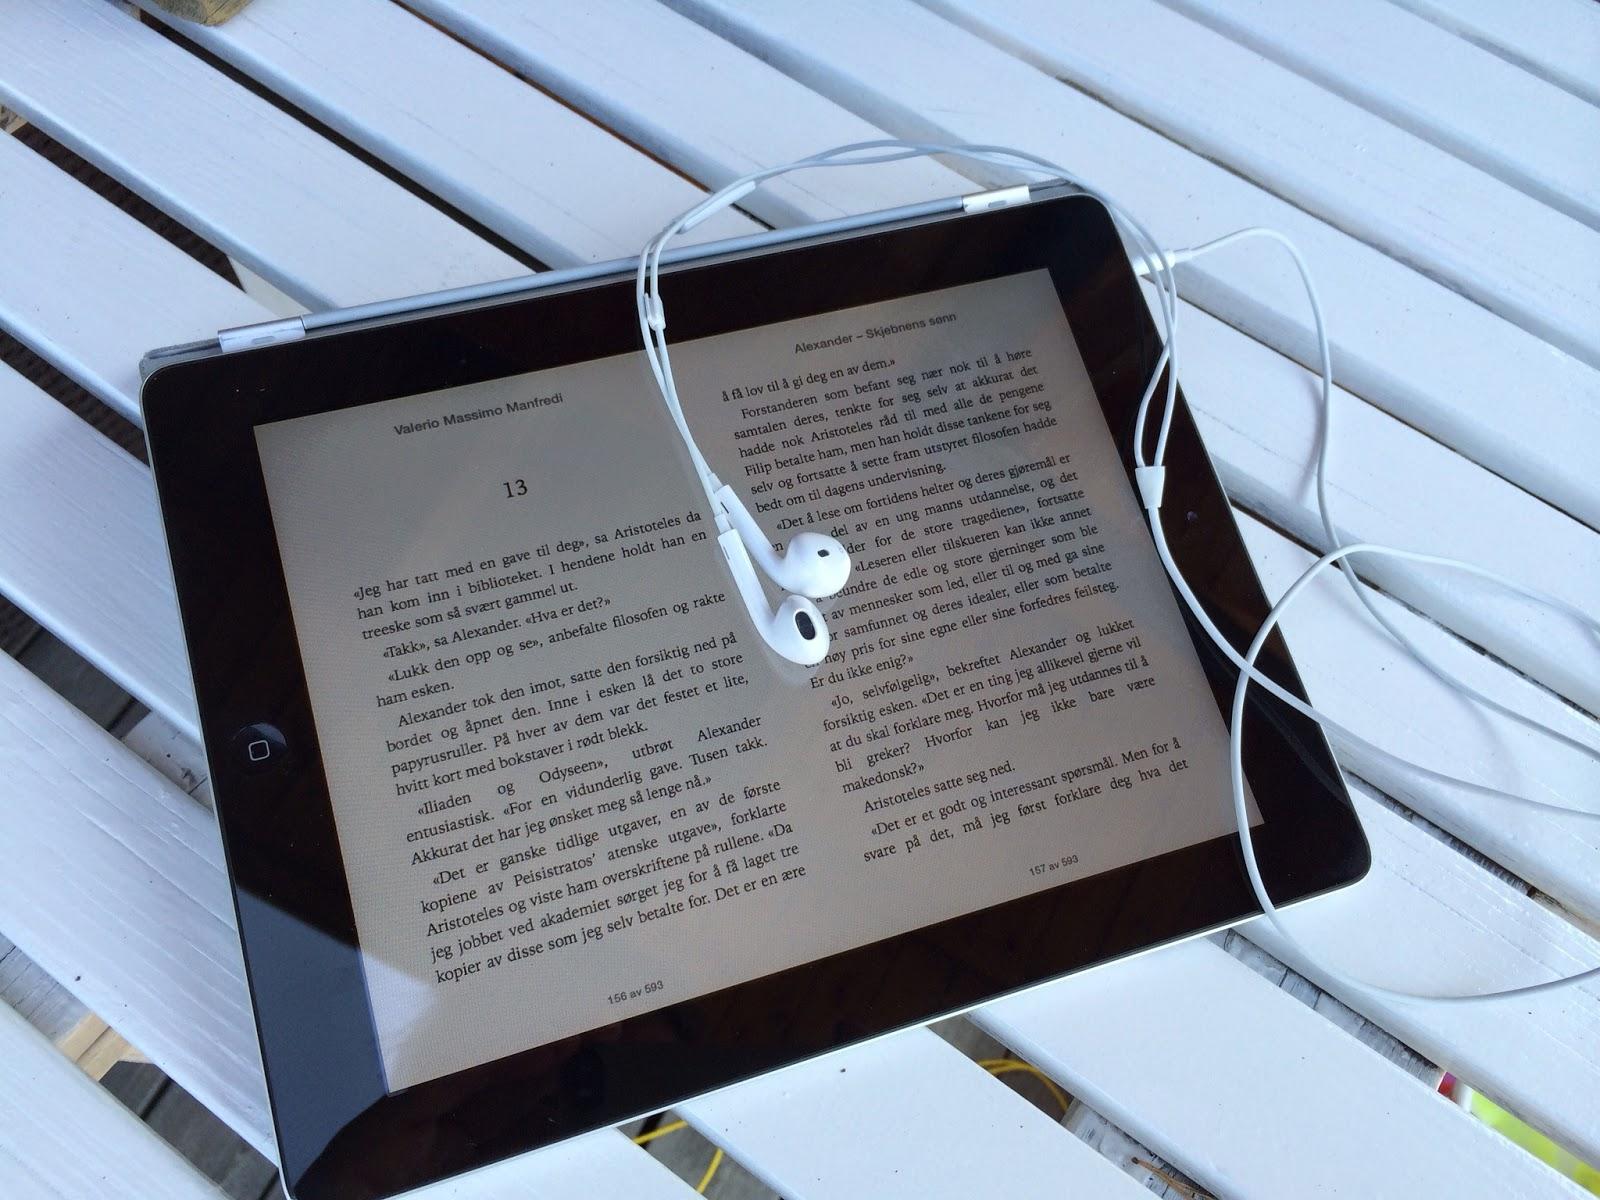 Bilde av en iPad med iBook og øreplugger